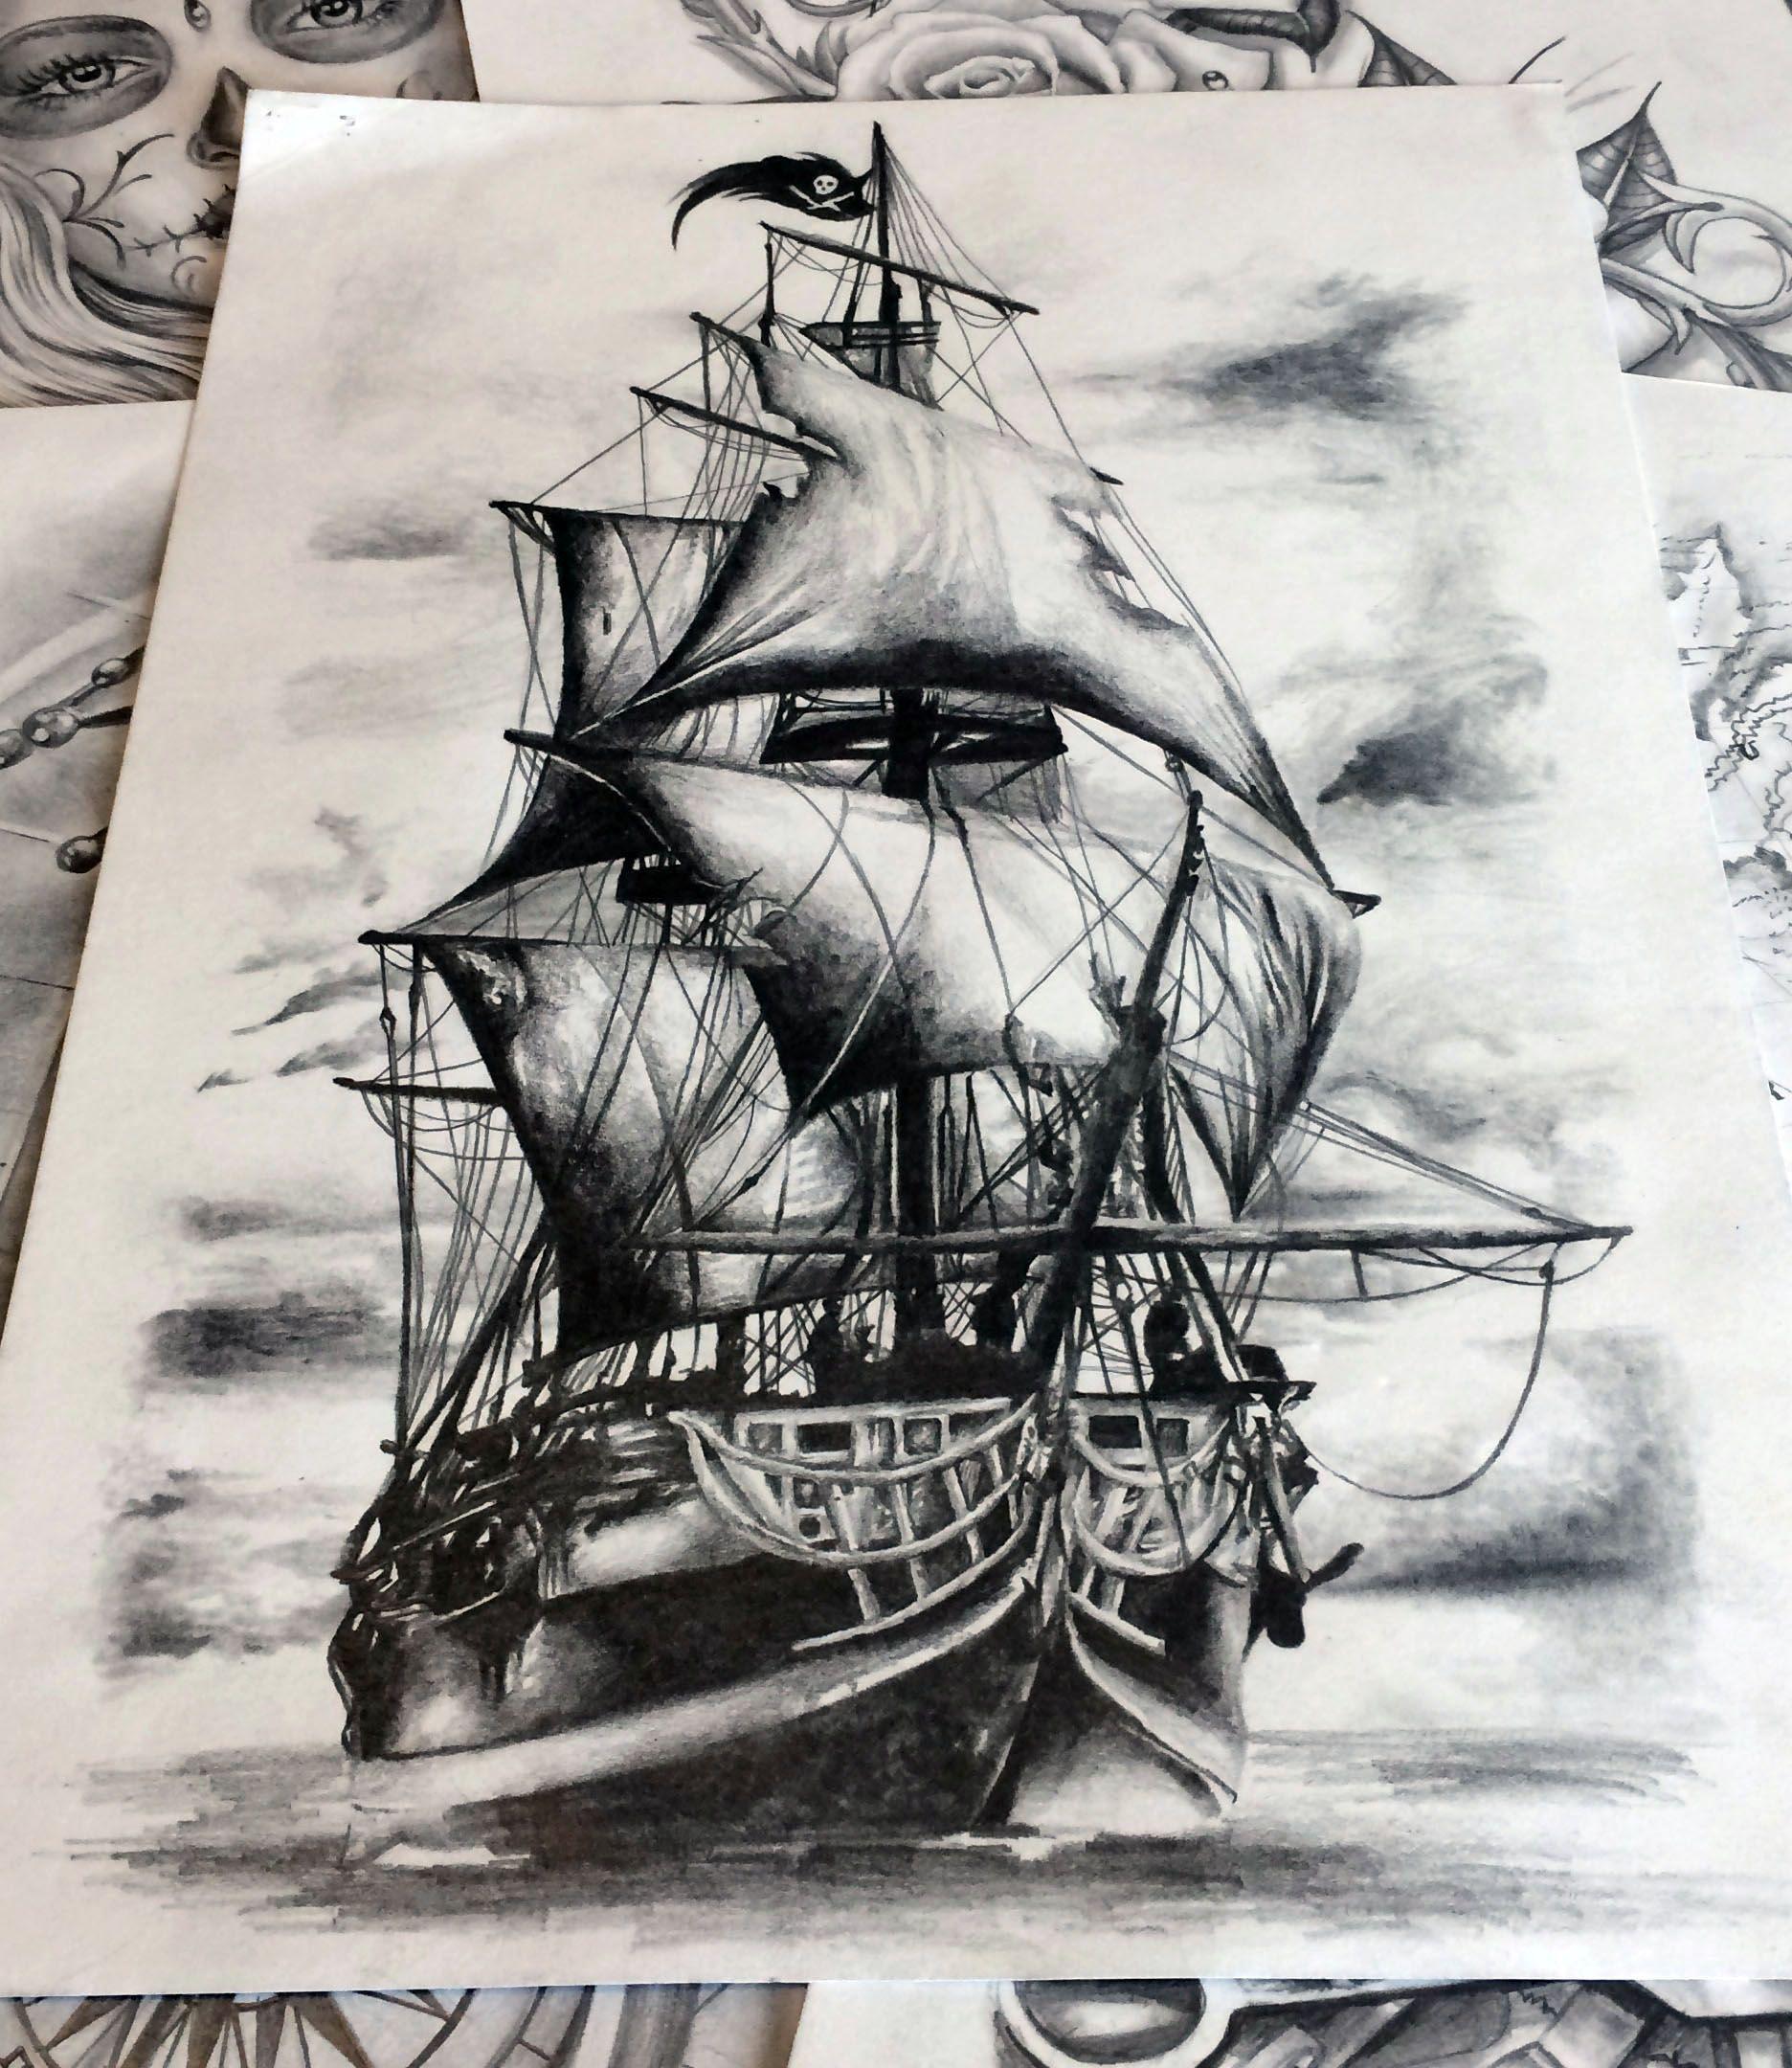 Marine Tatouage Bateau Bateau Pirate Dessin Tatouage Realisme